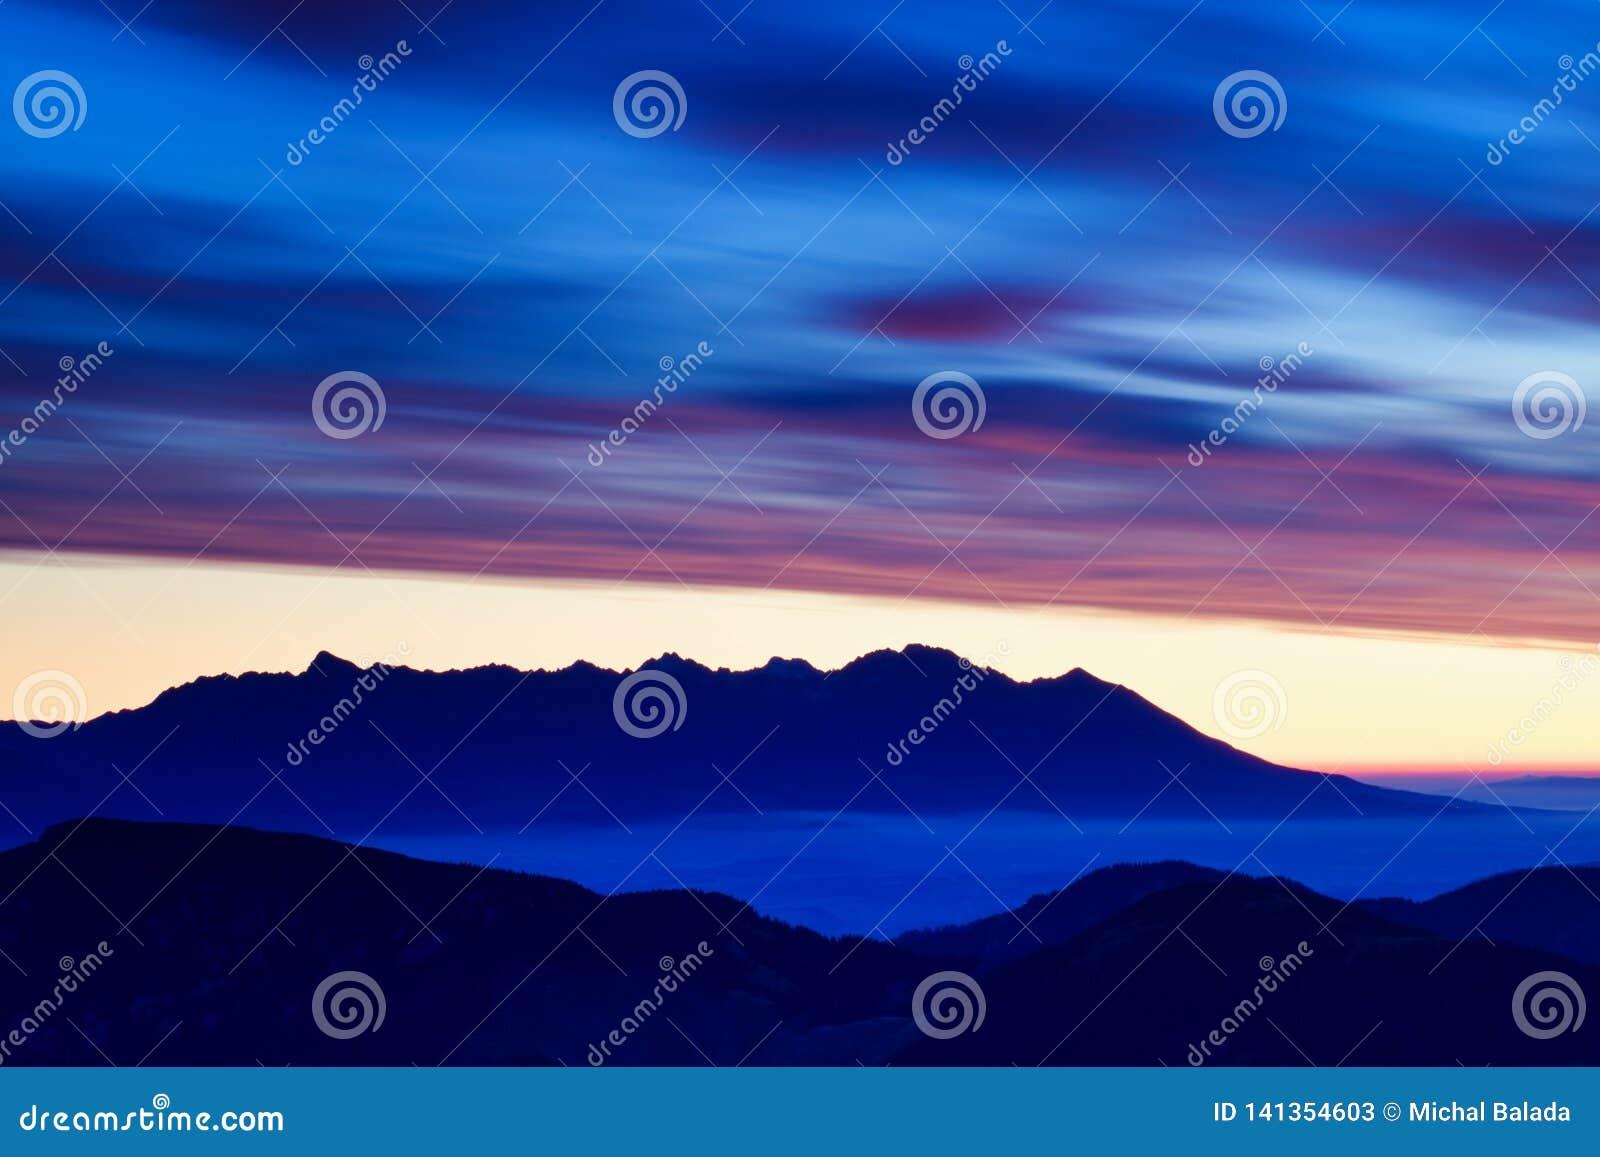 Winter hohes Tatras-Gebirgszugpanorama mit vielen Spitzen und klaren Himmel Sonniger Tag auf schneebedeckte Berge